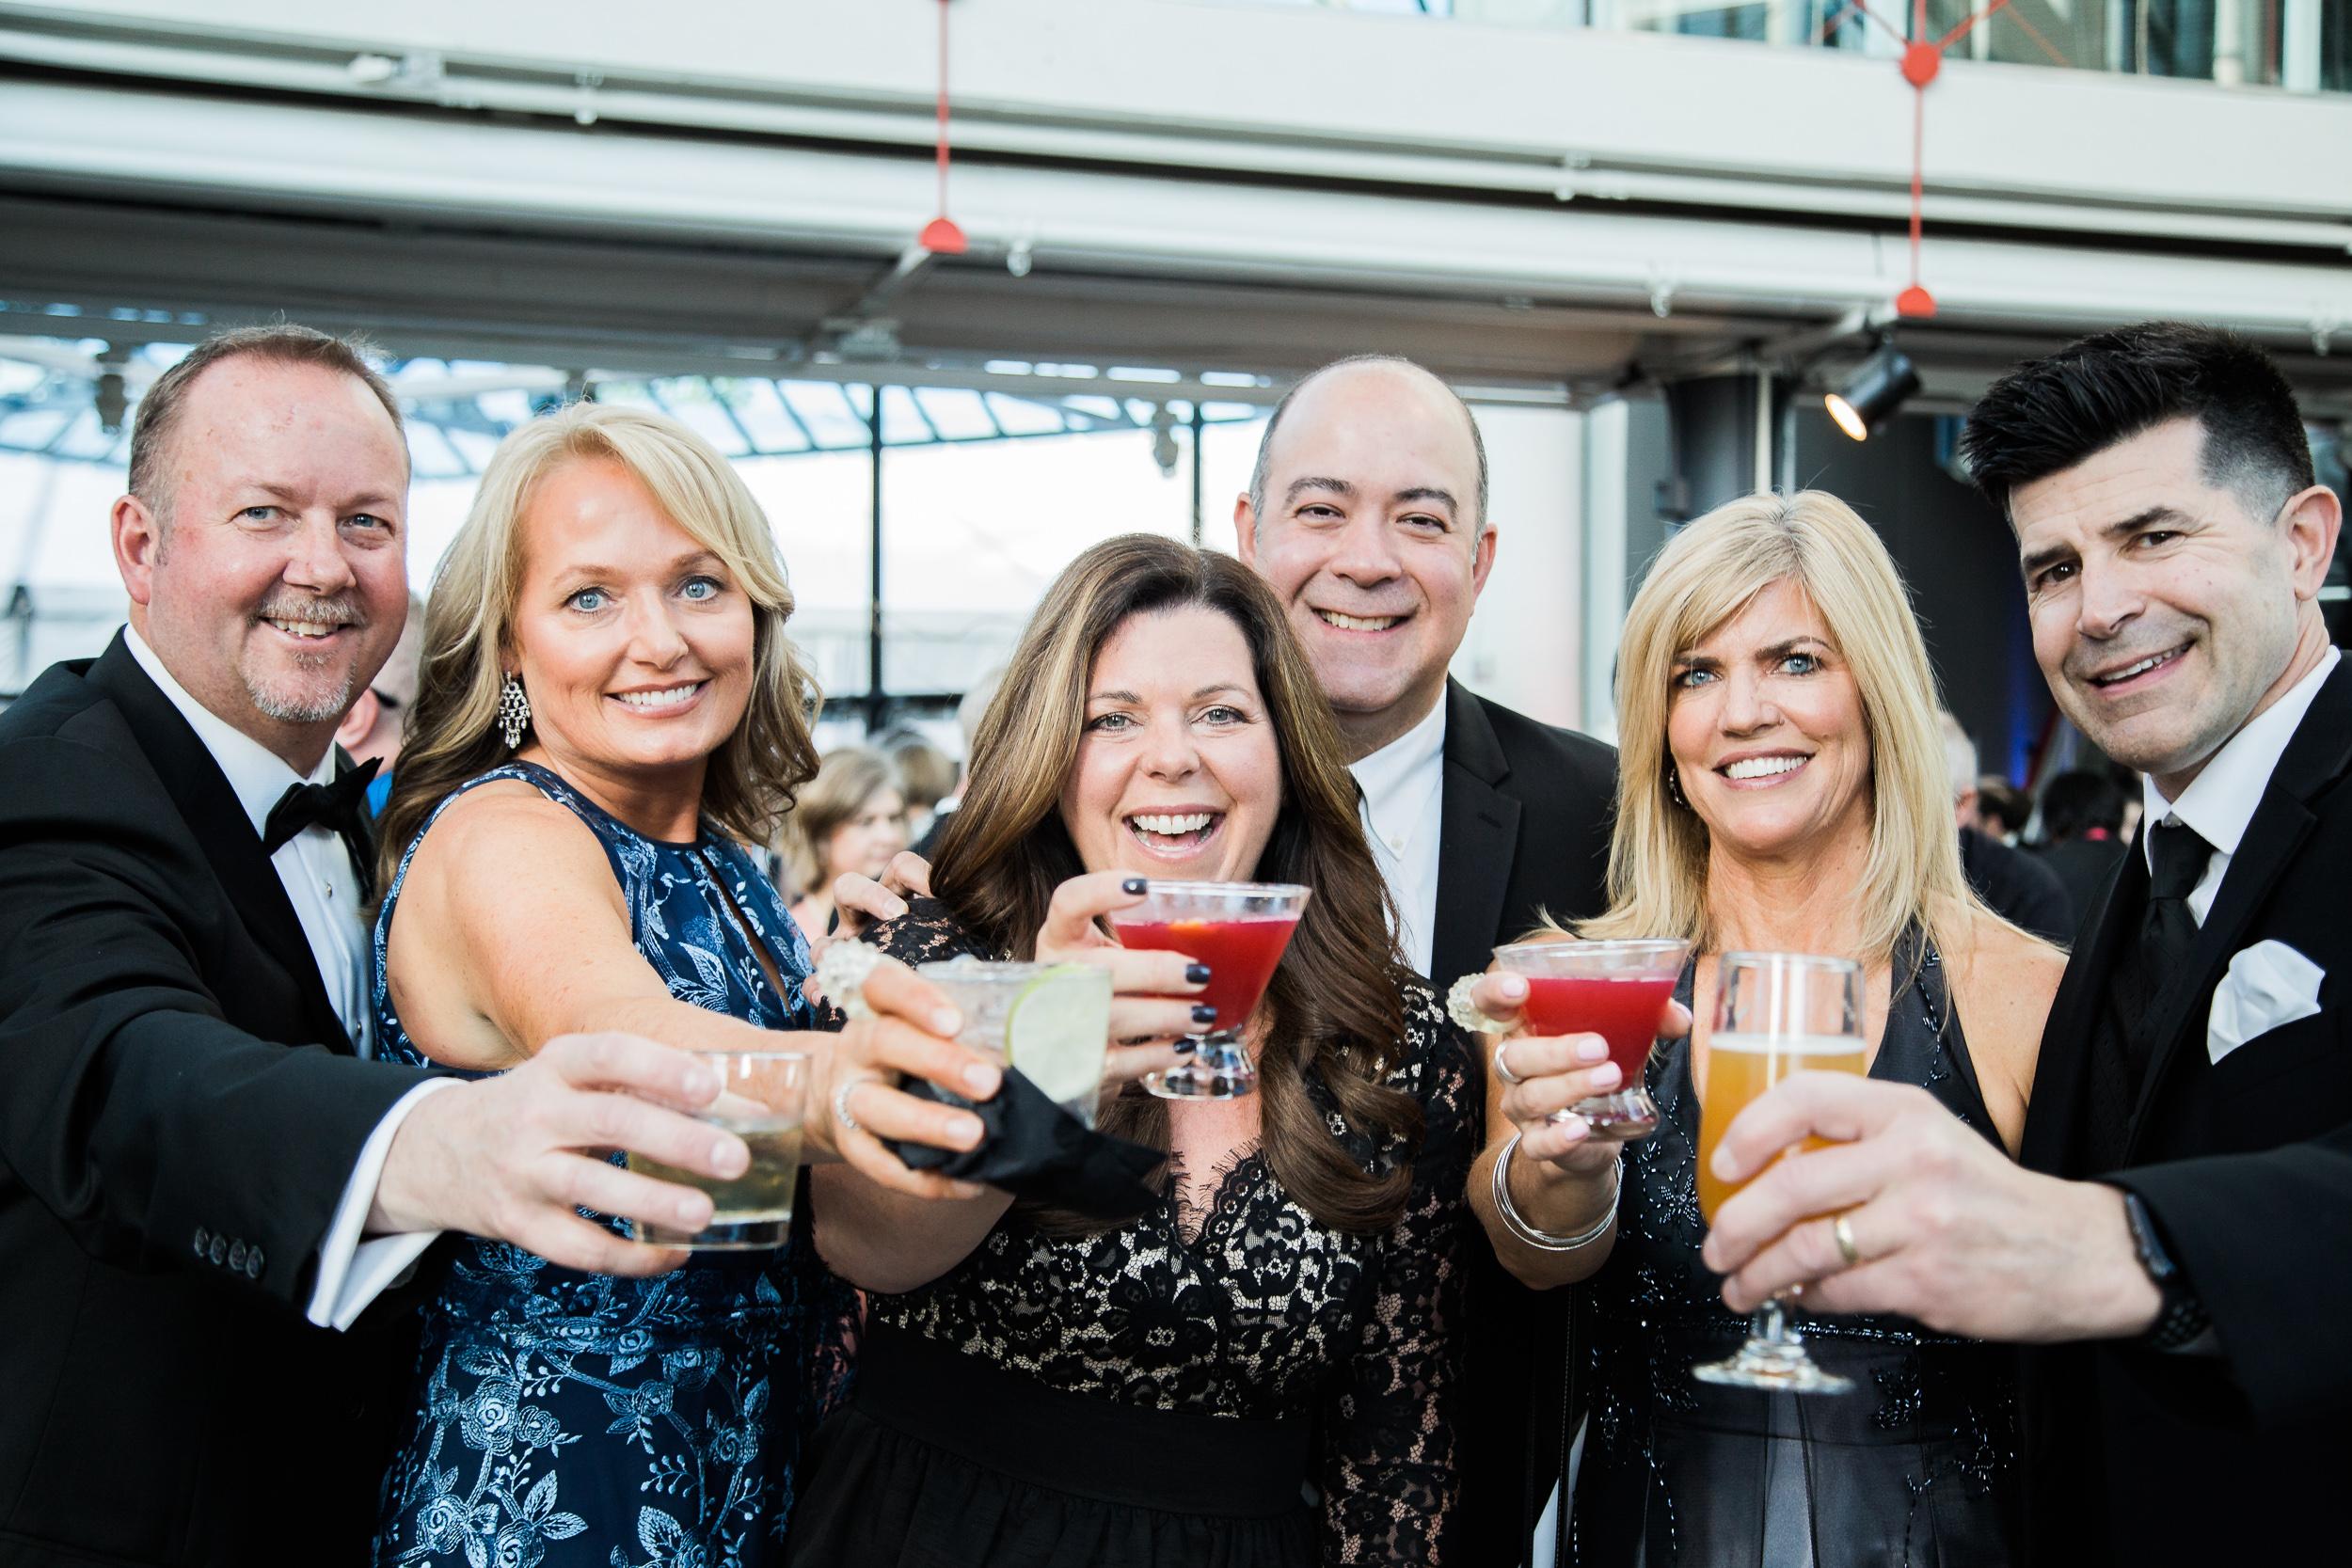 2019 OMSI Gala_1 Cocktail Hour 022_by KLiK Concepts_KLik website.jpg